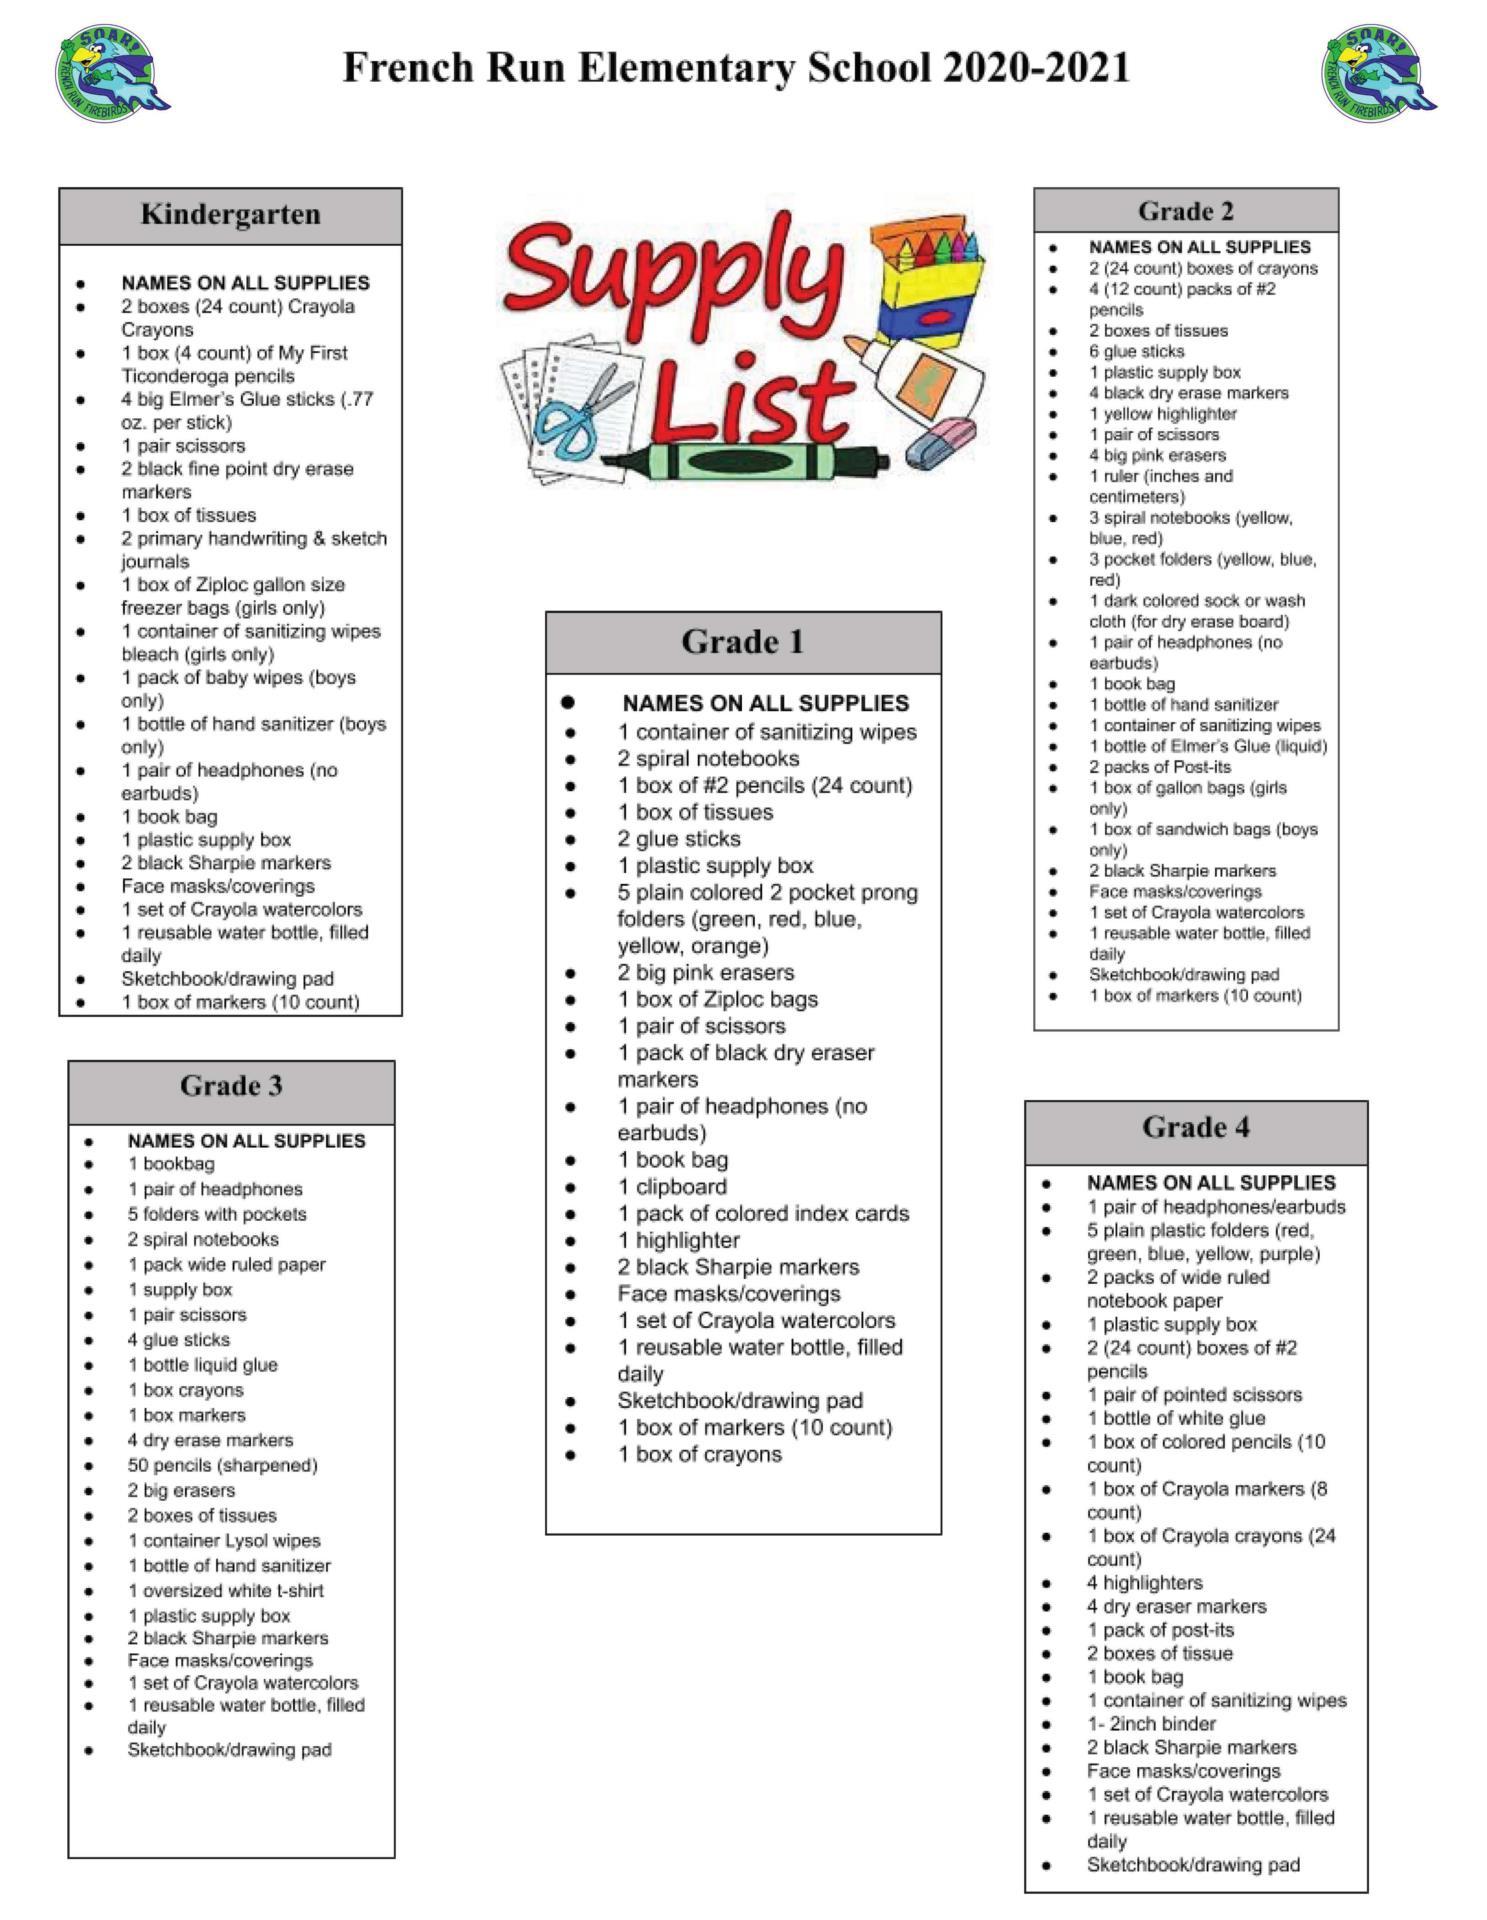 FRES School Supply List